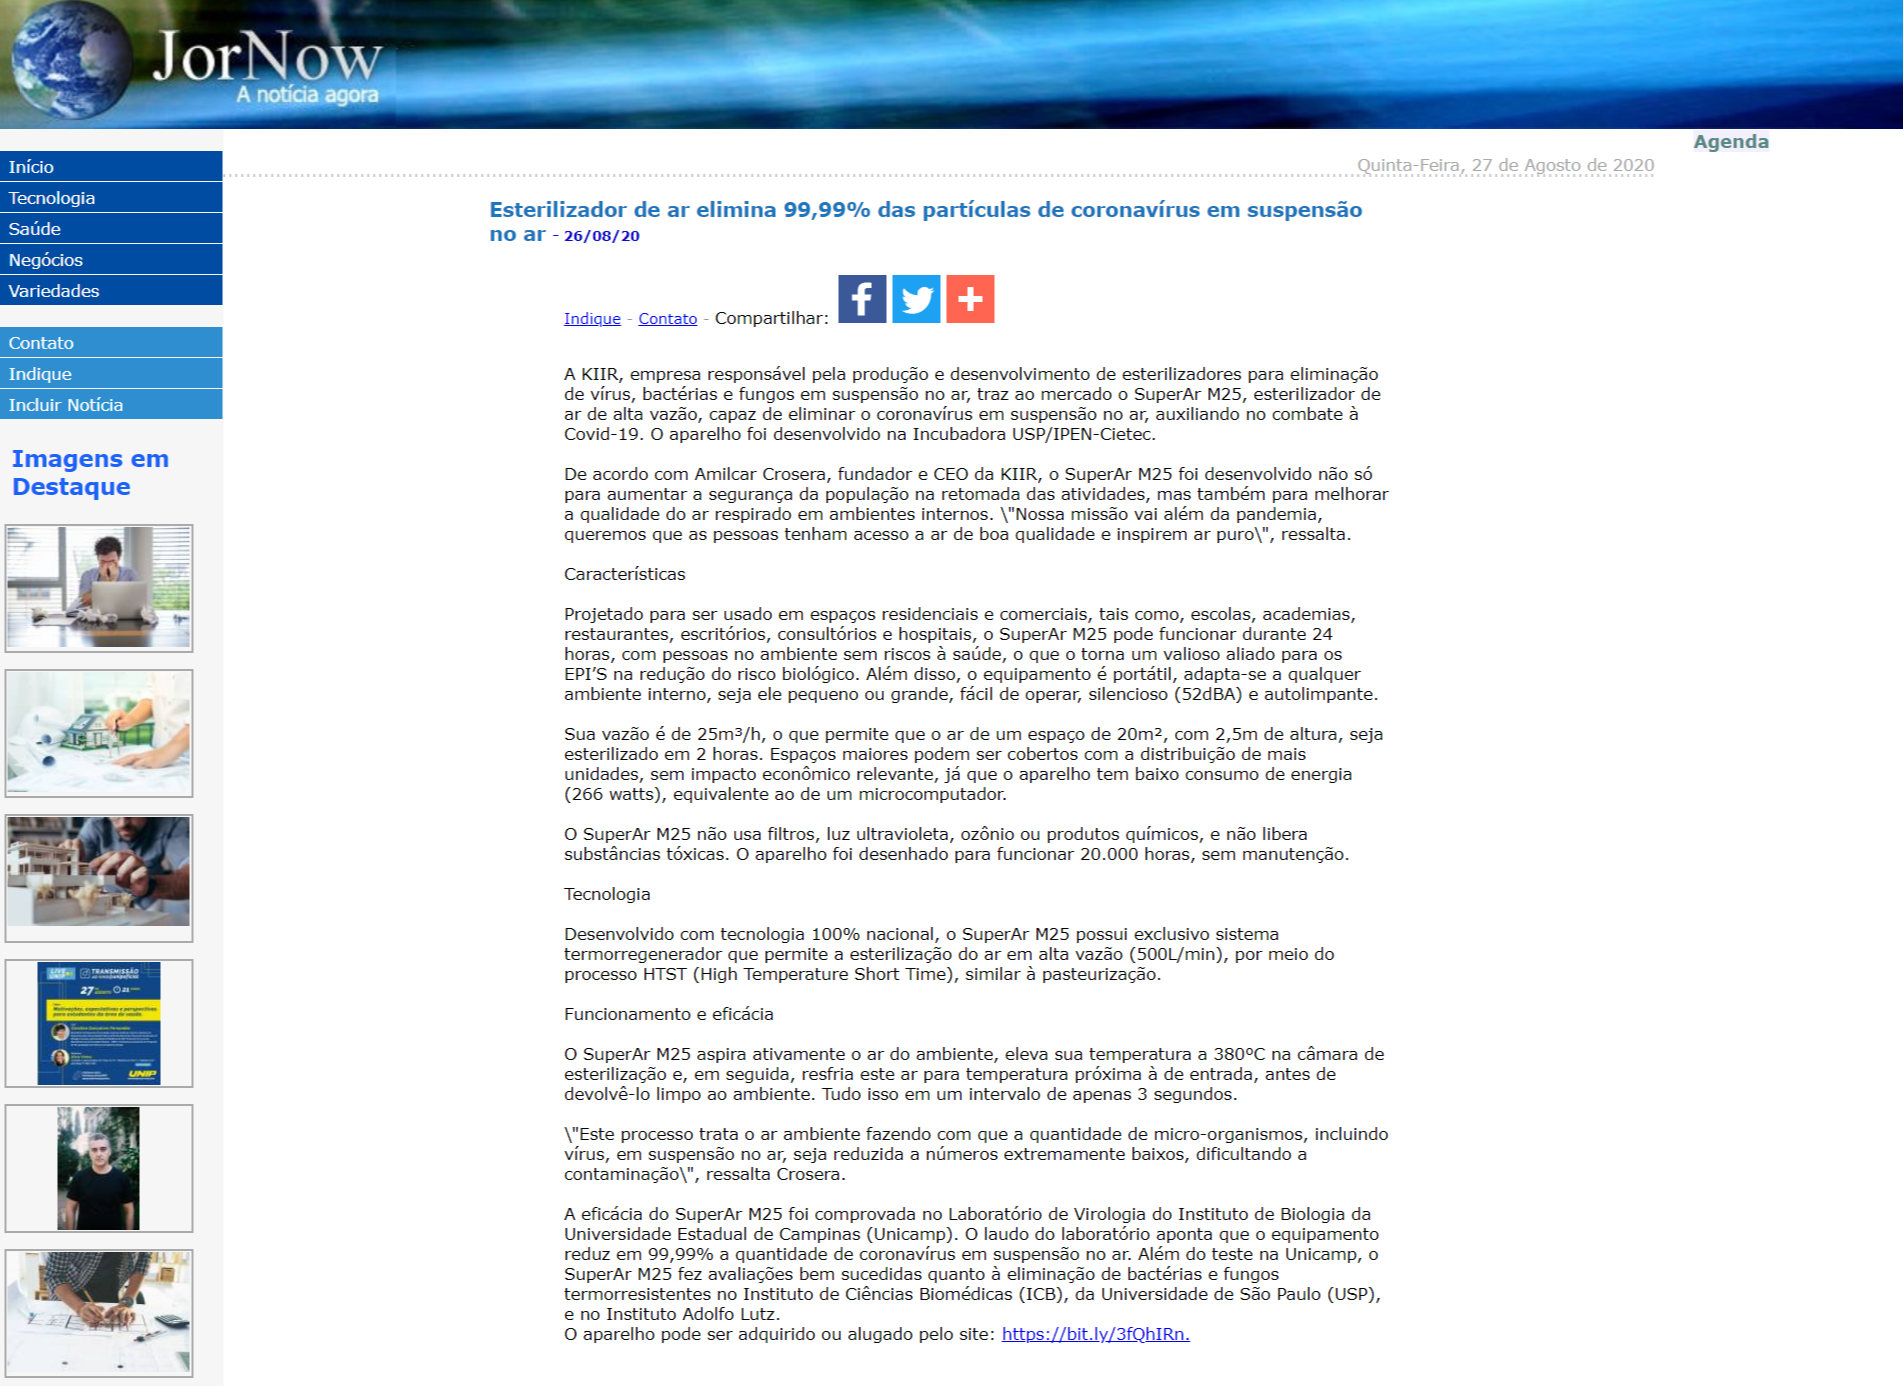 Esterilizador de ar elimina 99,99% das partículas de coronavírus em suspensão no ar - JorNow